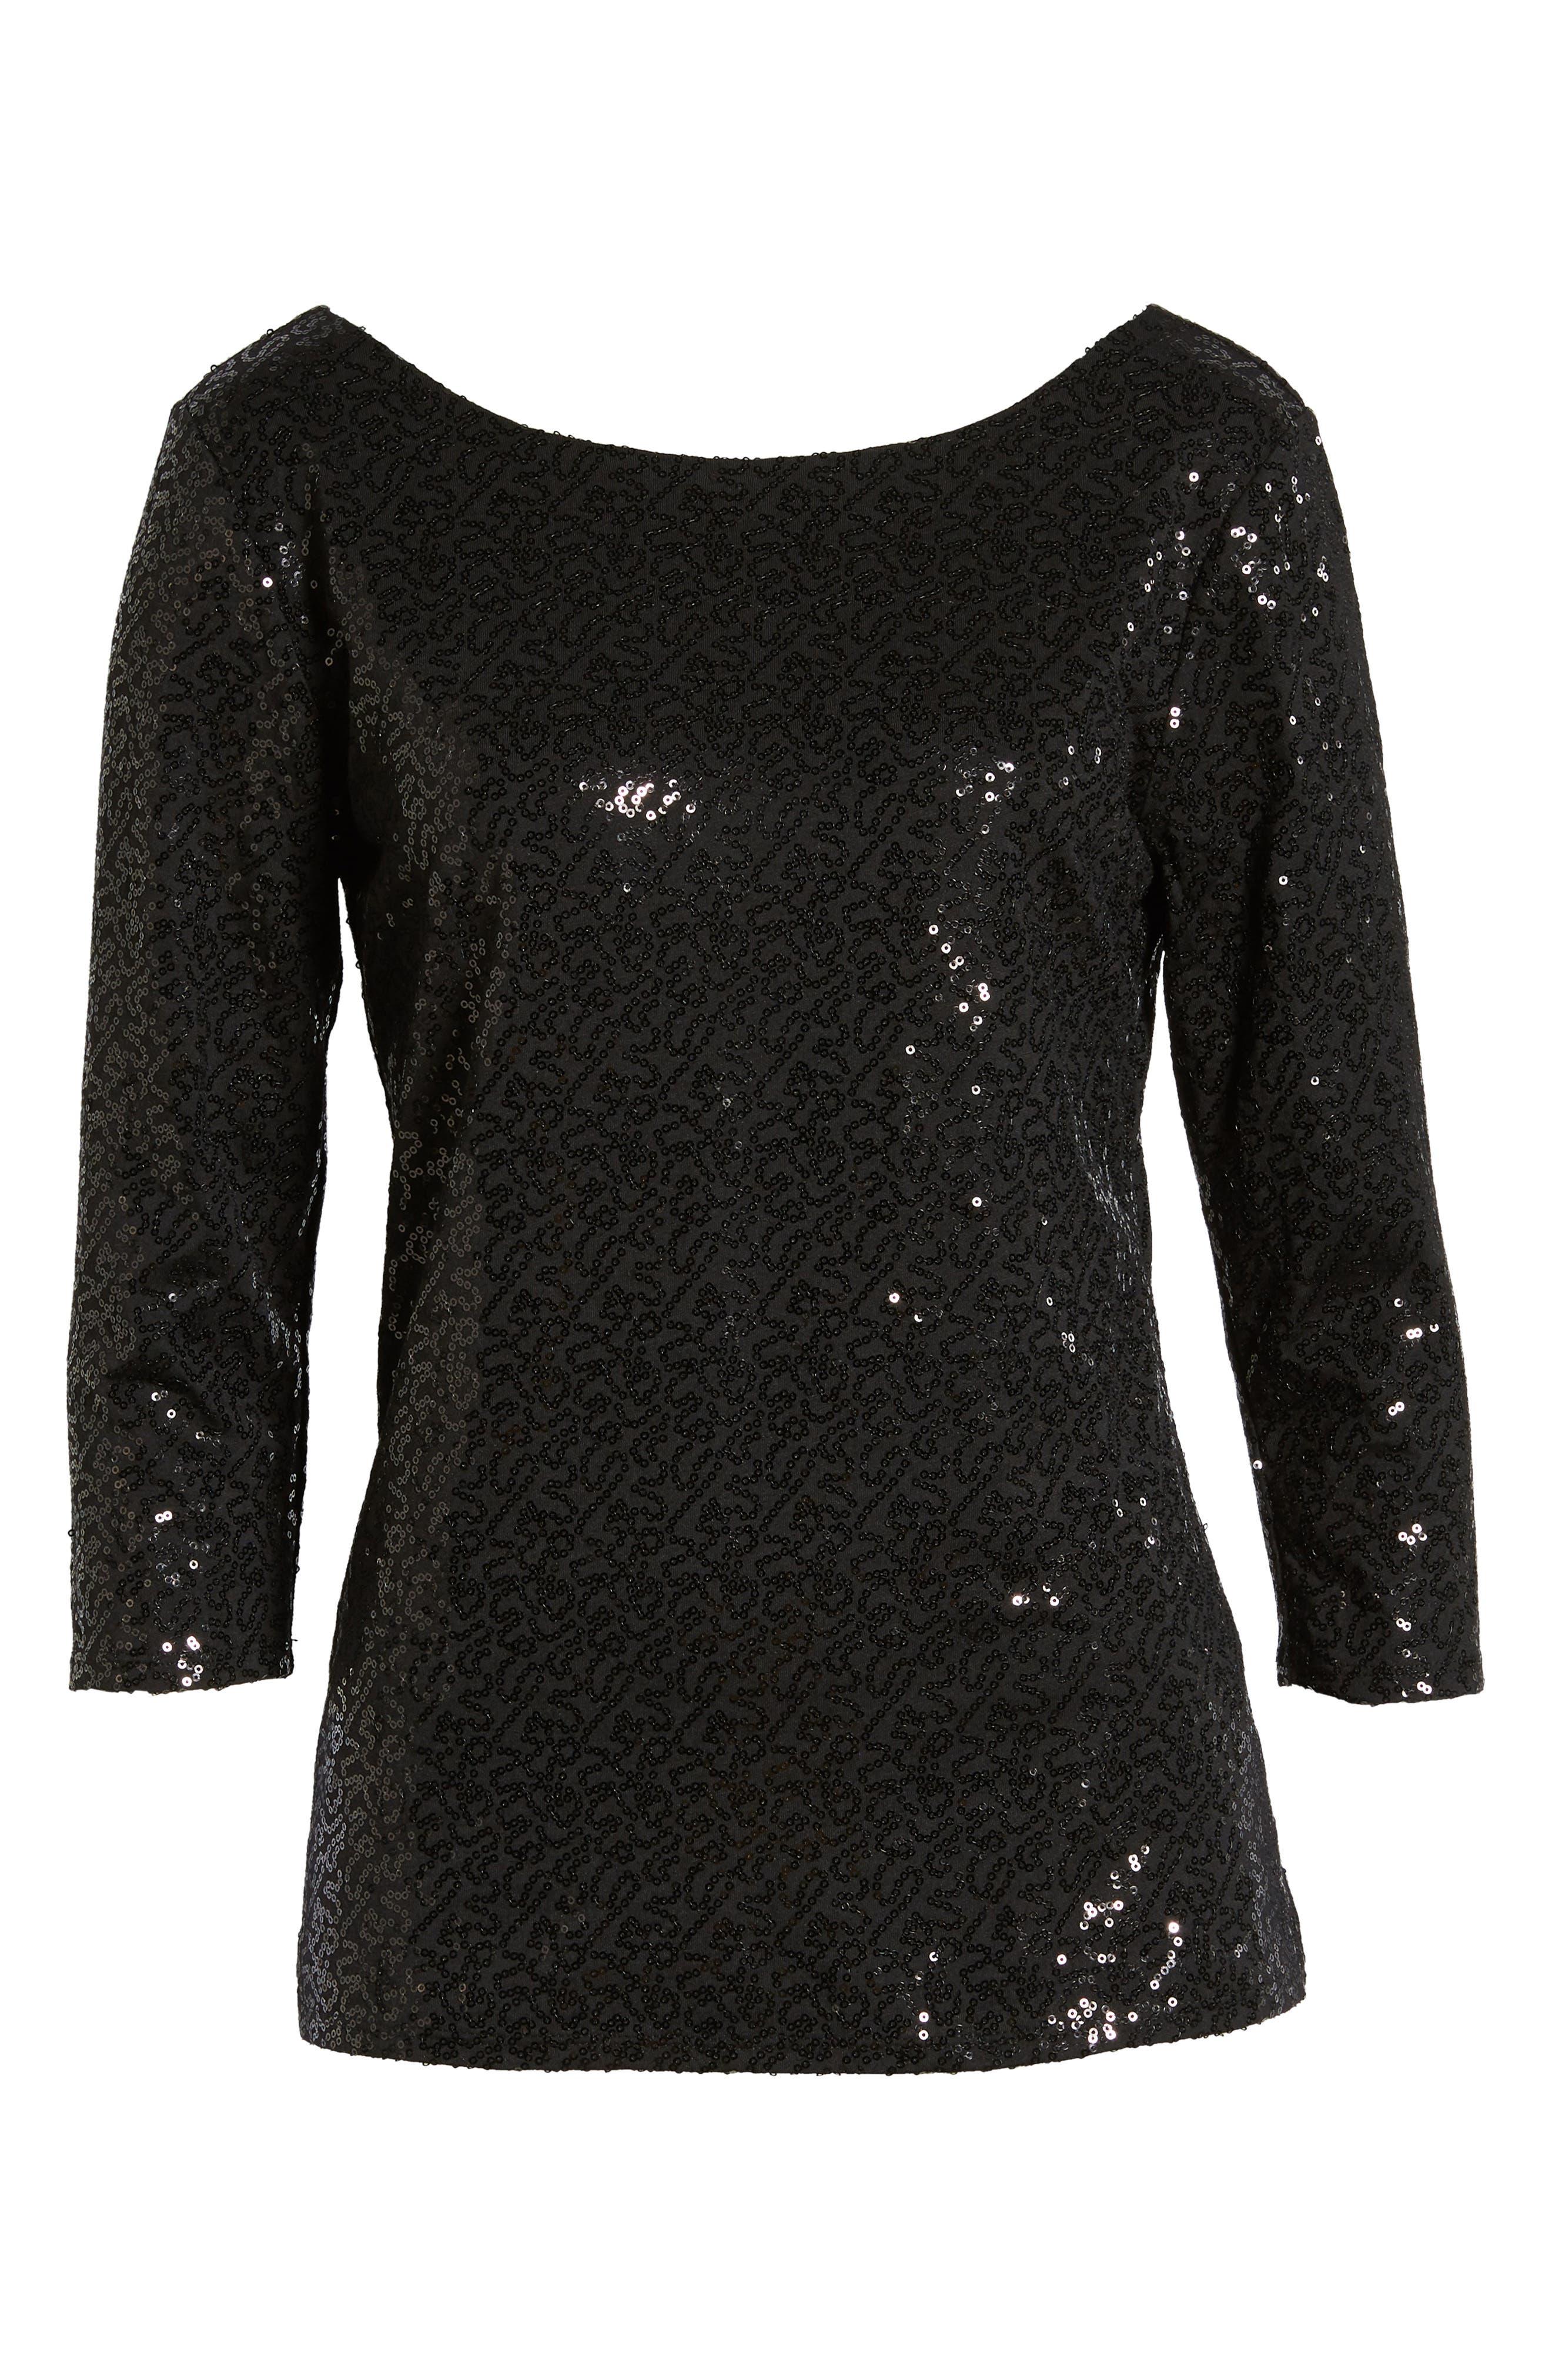 x Glam Squad Megan Sequin Embellished Scoop Back Top,                             Alternate thumbnail 7, color,                             BLACK